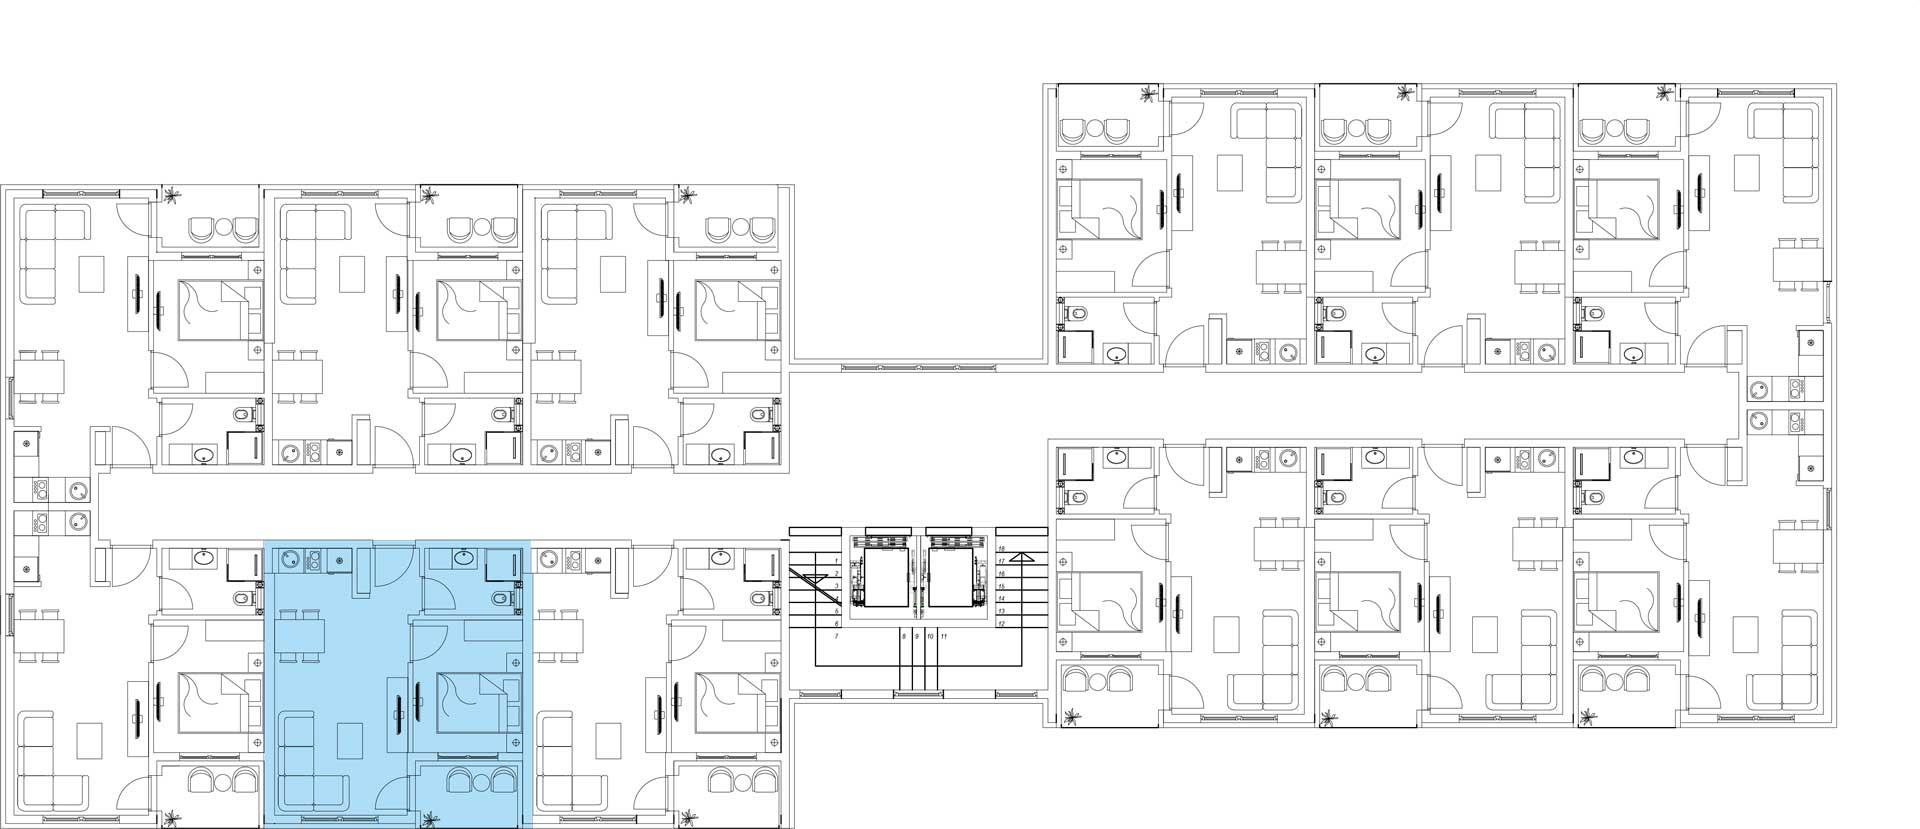 Orjentacija-stambenih-jedinica--17,-29,-41,-53,-65,-77,-89